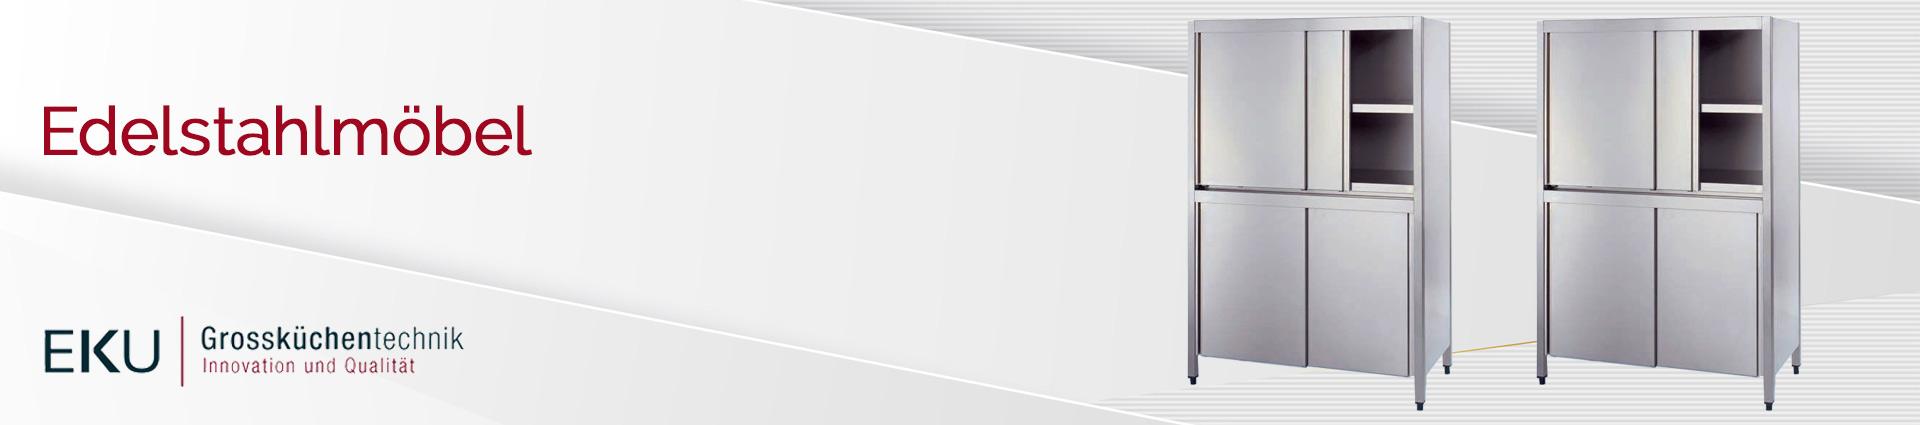 EKU Edelstahlmöbel Banner